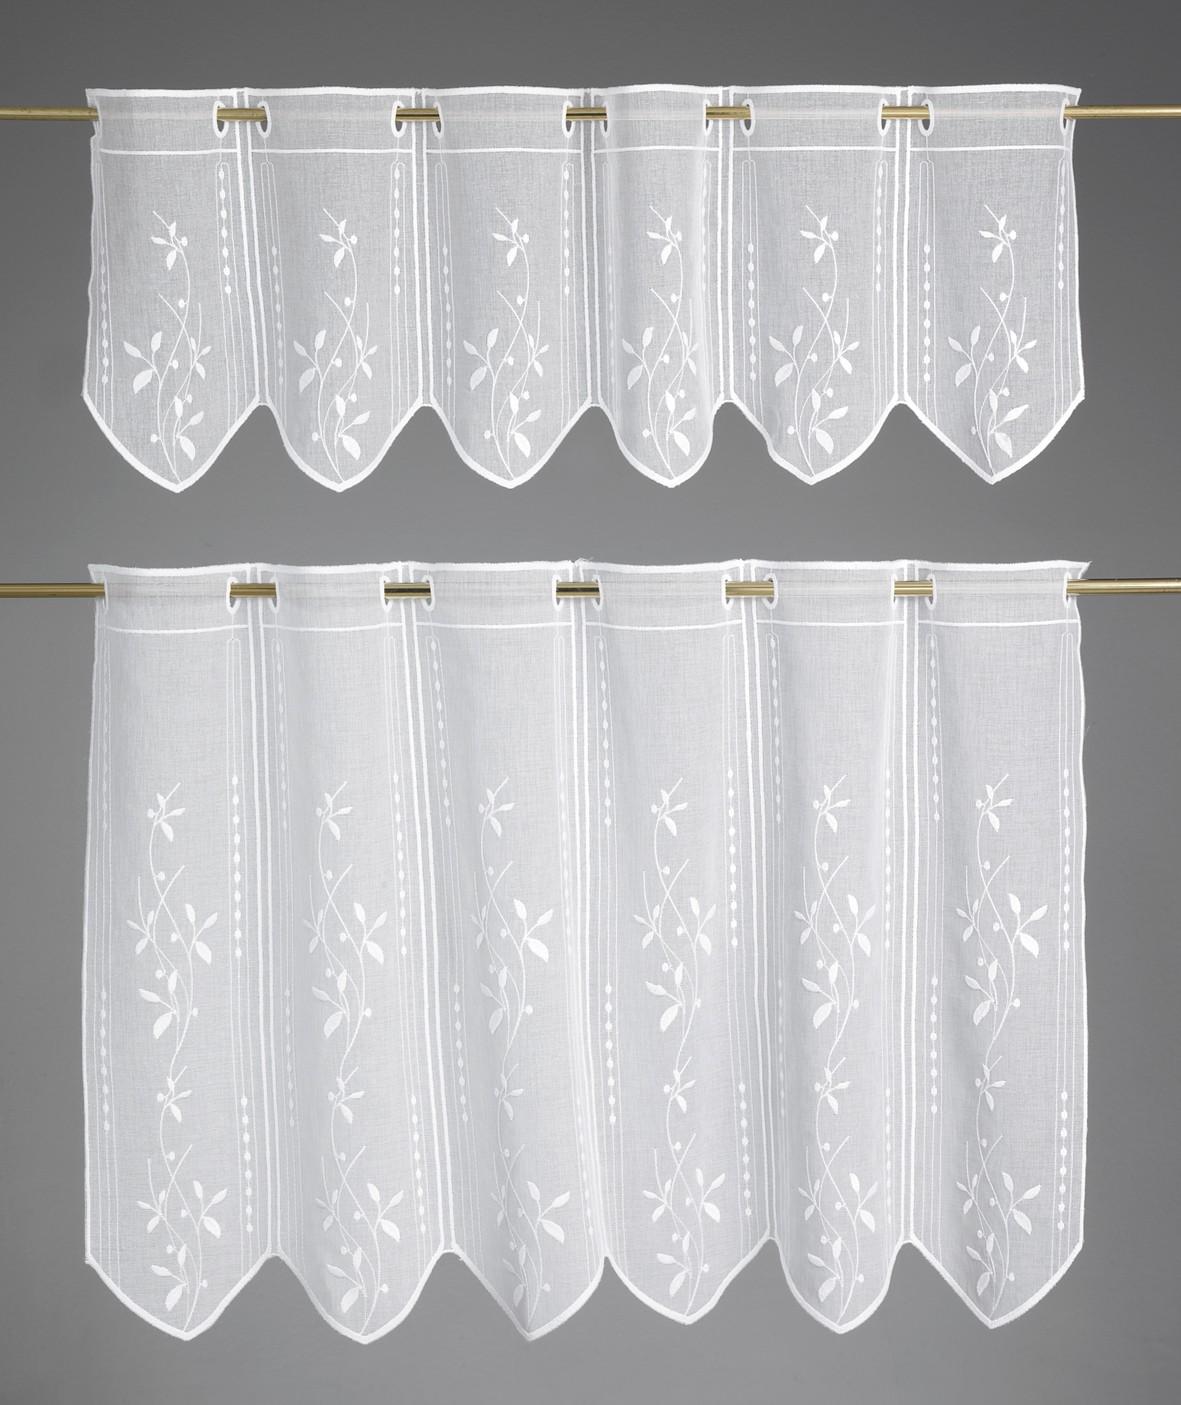 voilage vendu au metre voilage pour rideaux au m tre 34914 rideau id es voilage blanc beige d. Black Bedroom Furniture Sets. Home Design Ideas